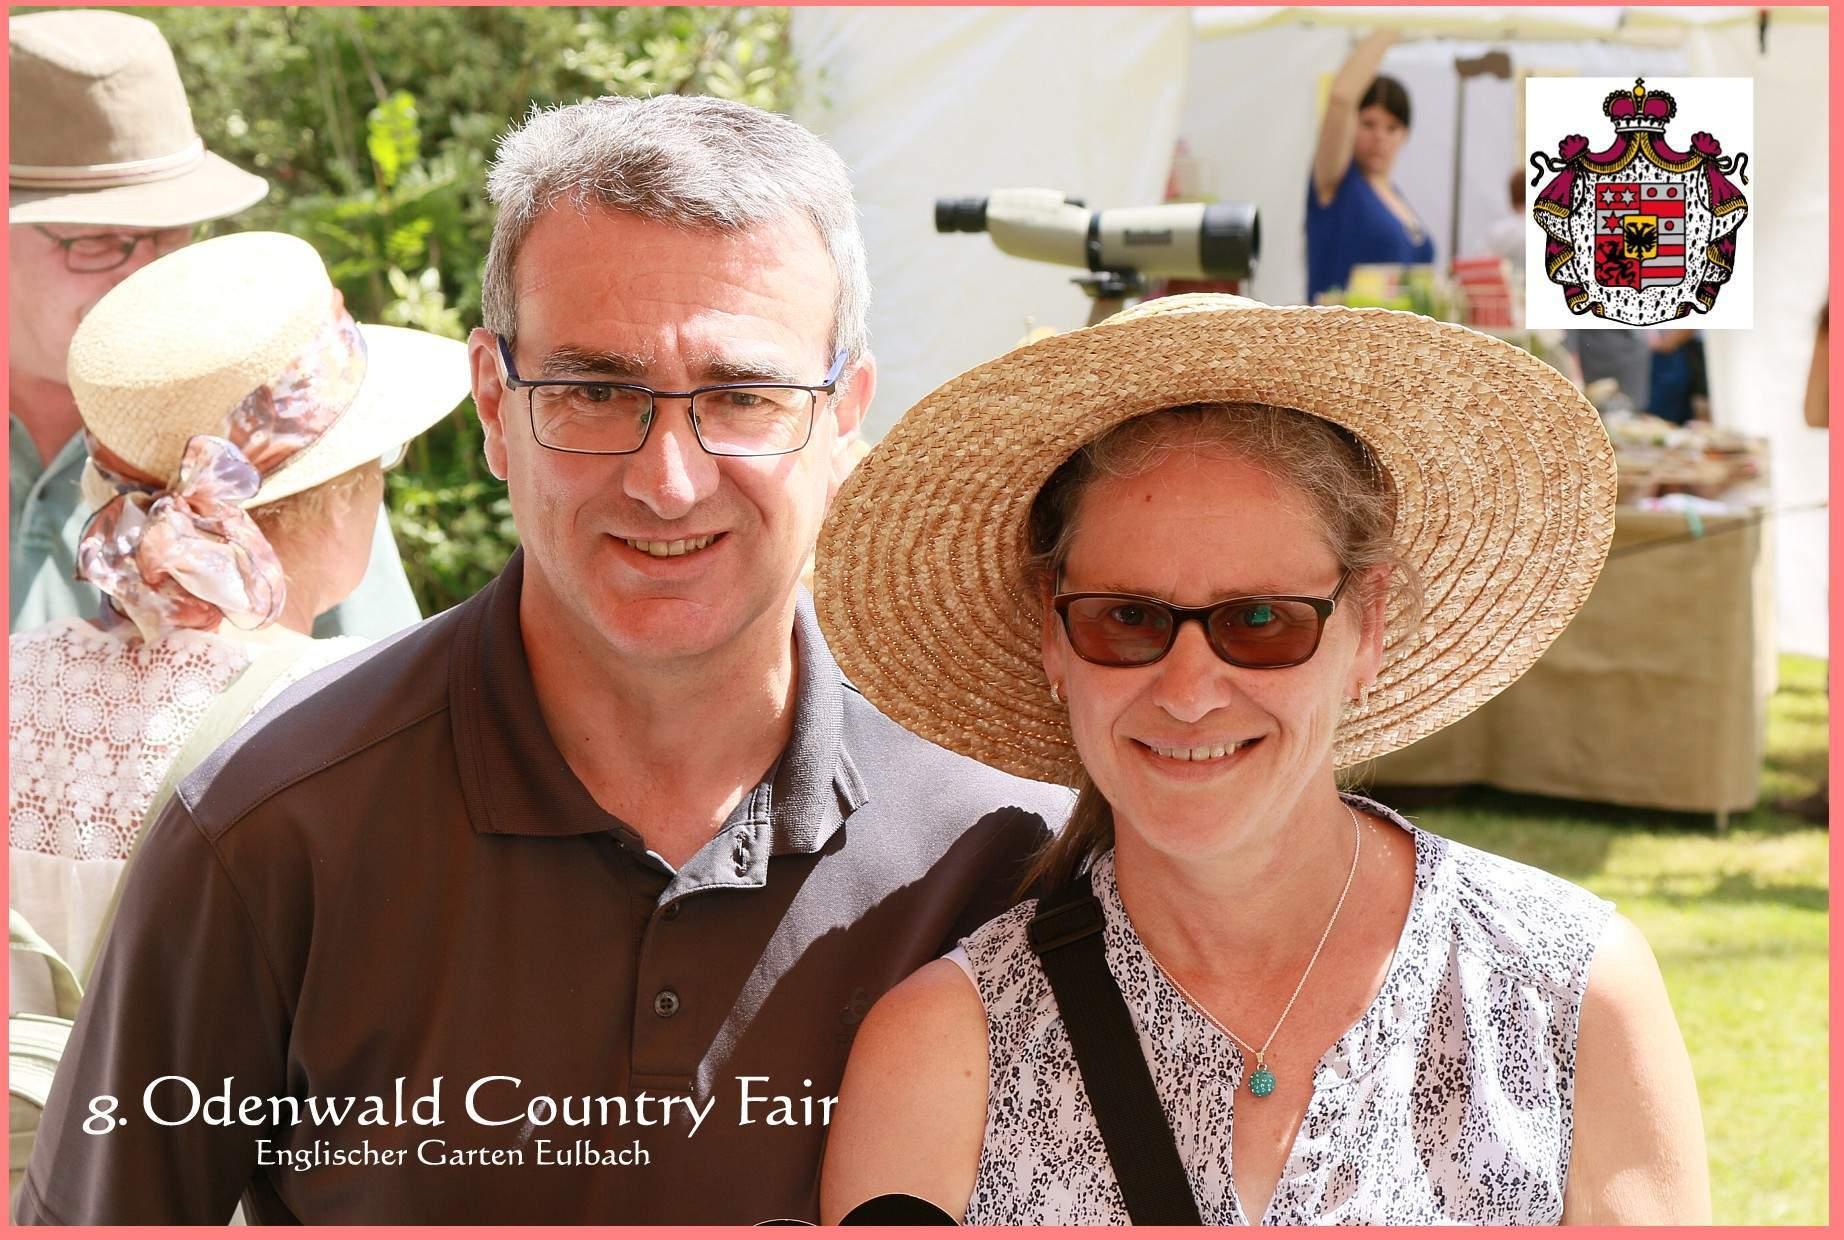 englischer garten eulbach frisch 11 odenwald country fair vom 11 bis 14 juni 2020 of englischer garten eulbach